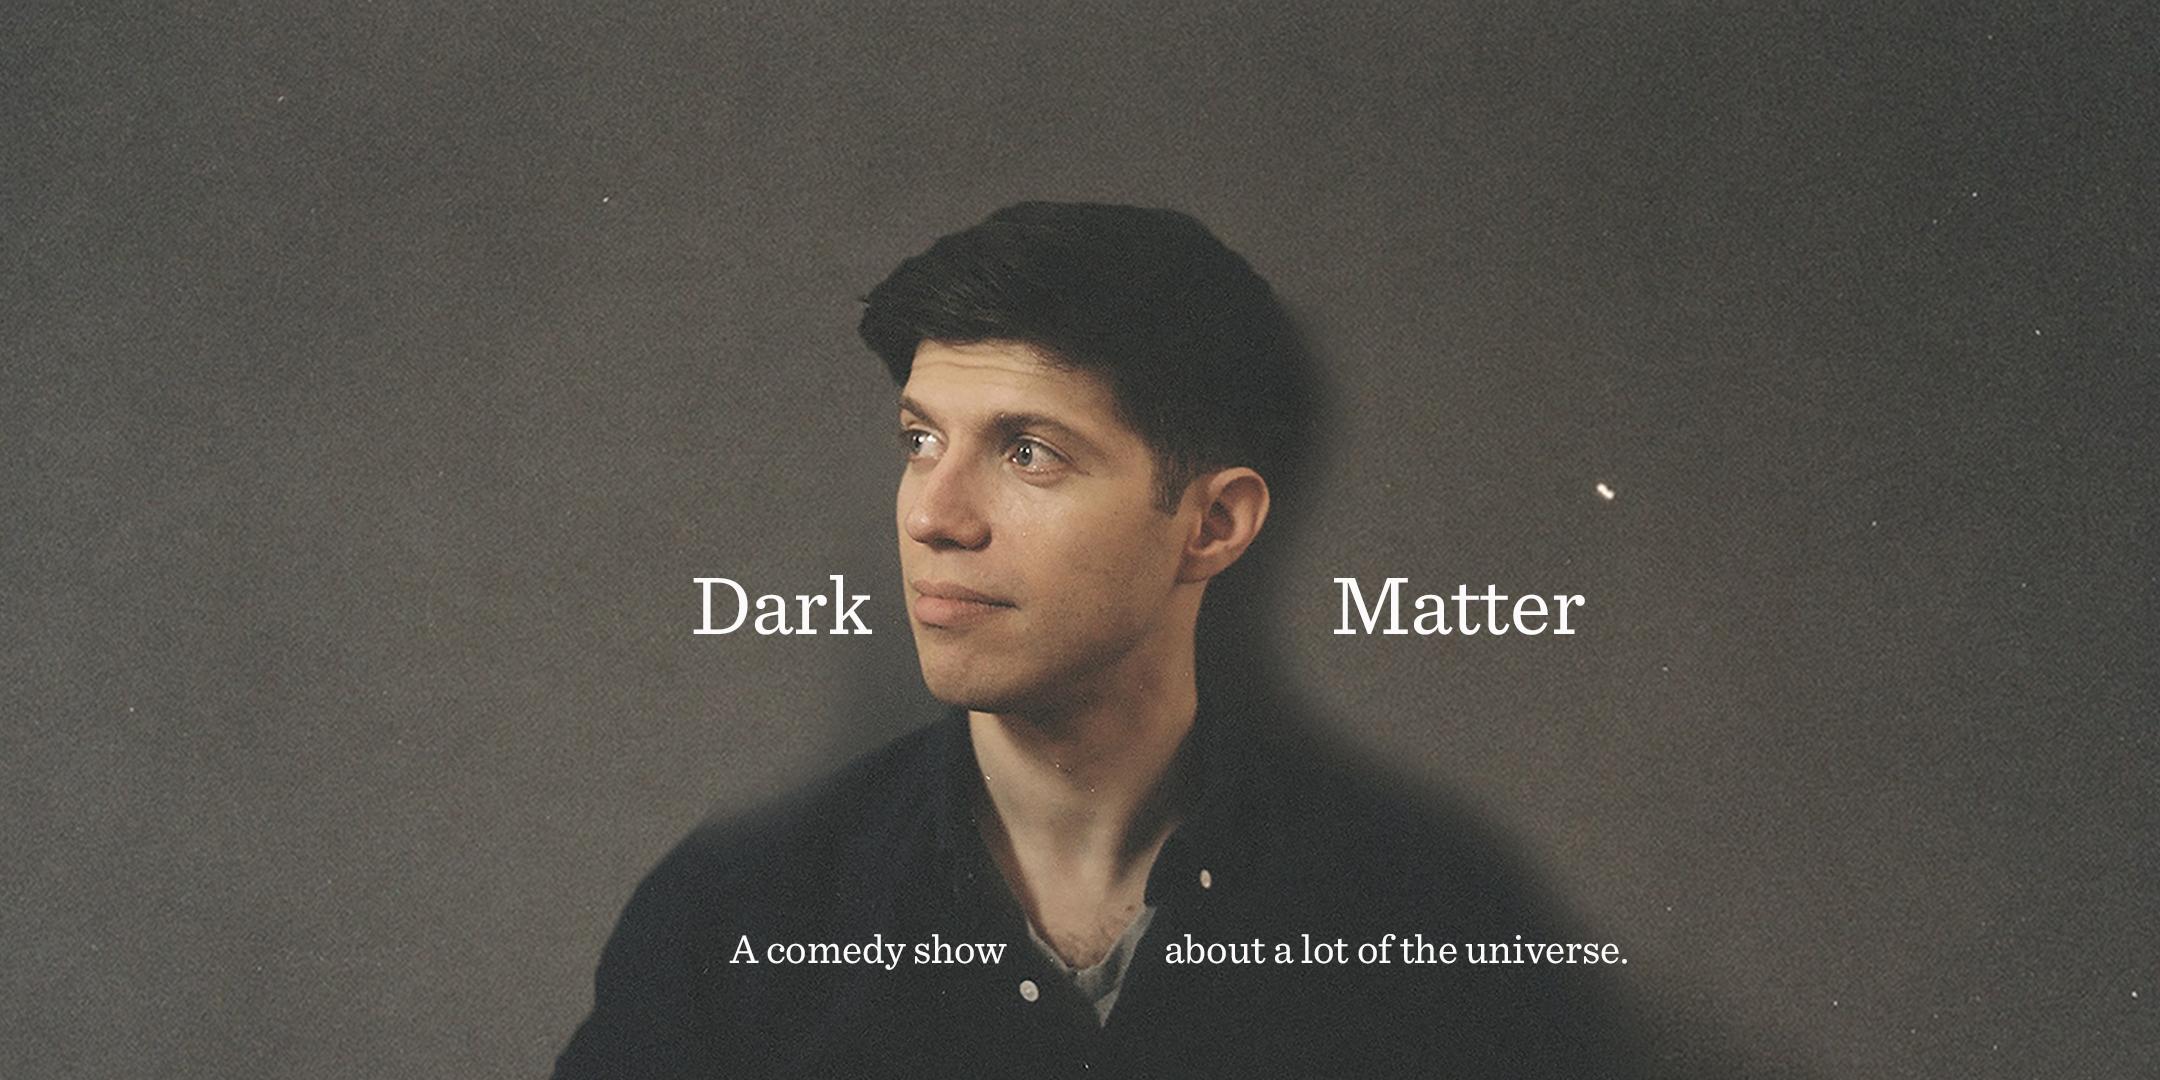 Dark Matter Promo 21601080.jpg